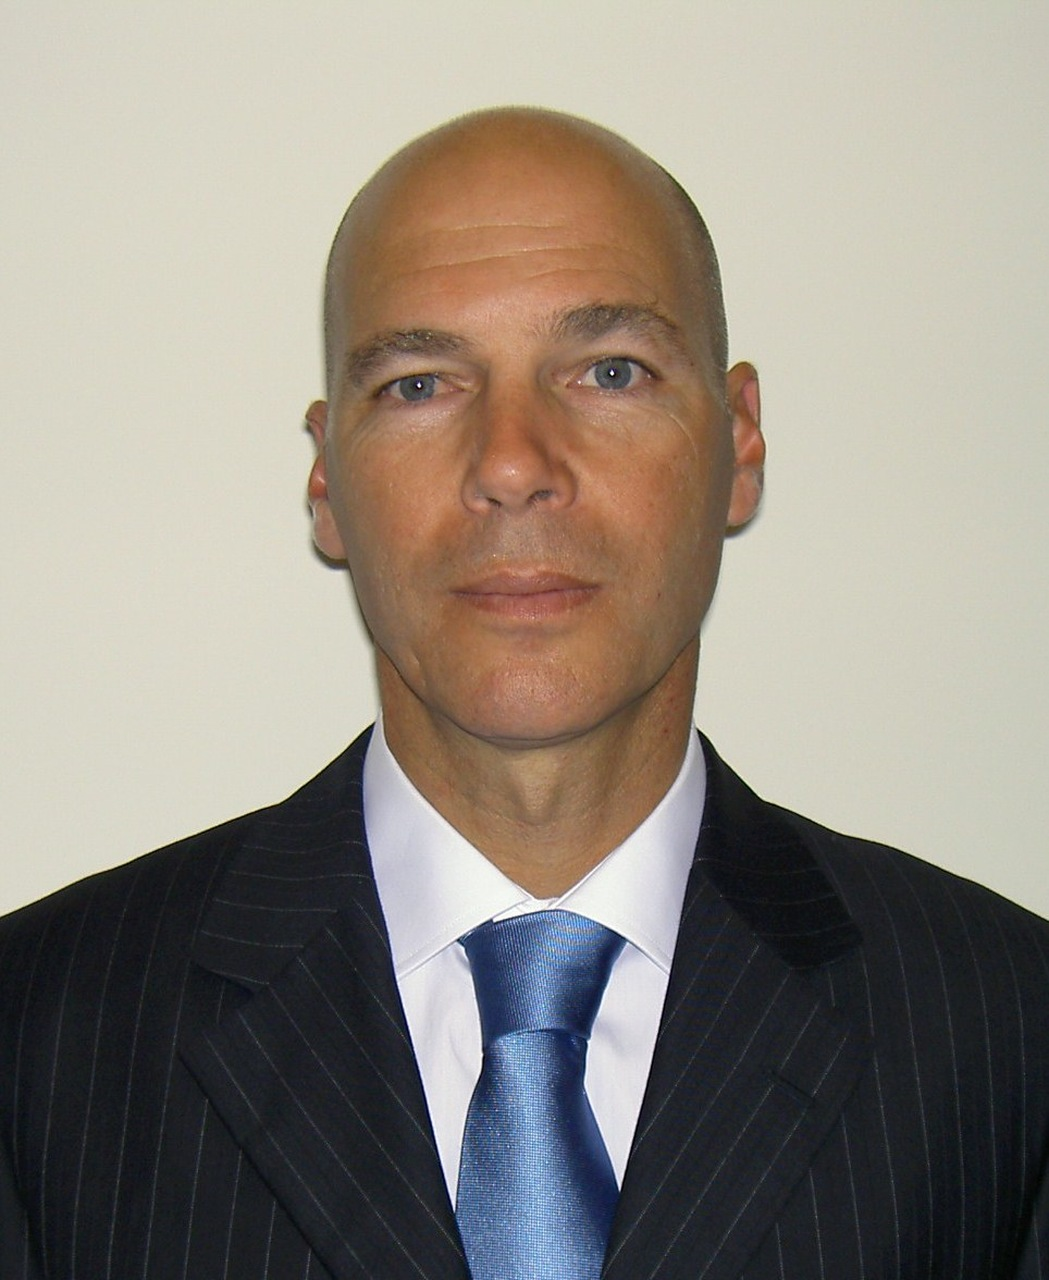 João Paulo Pinto